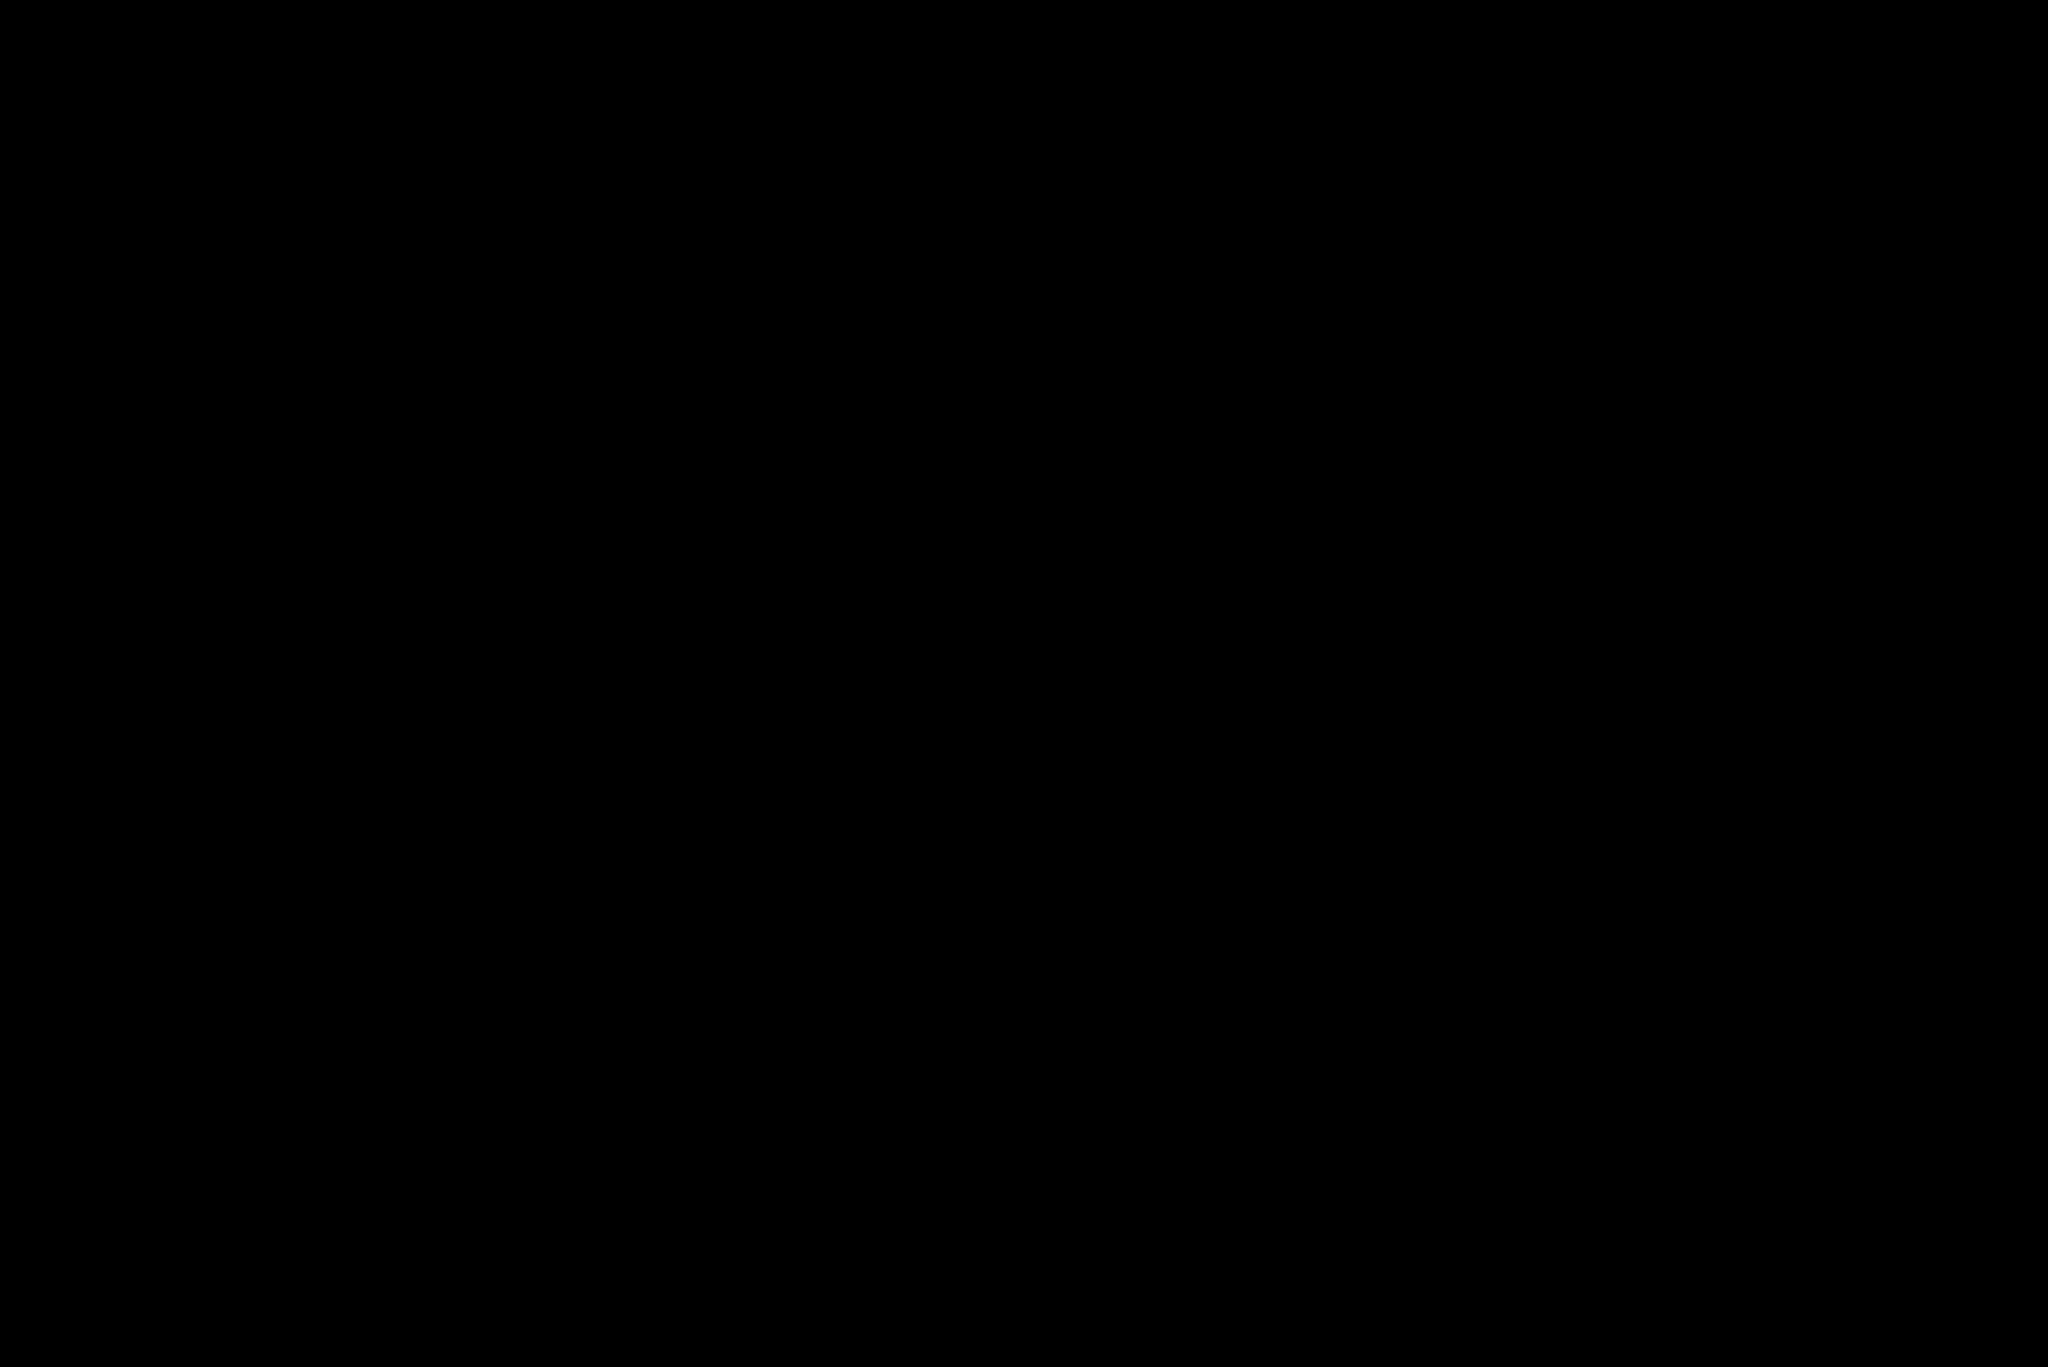 Barnasáttmála- og réttindagönguvika frístundaheimila Tjarnarinnar